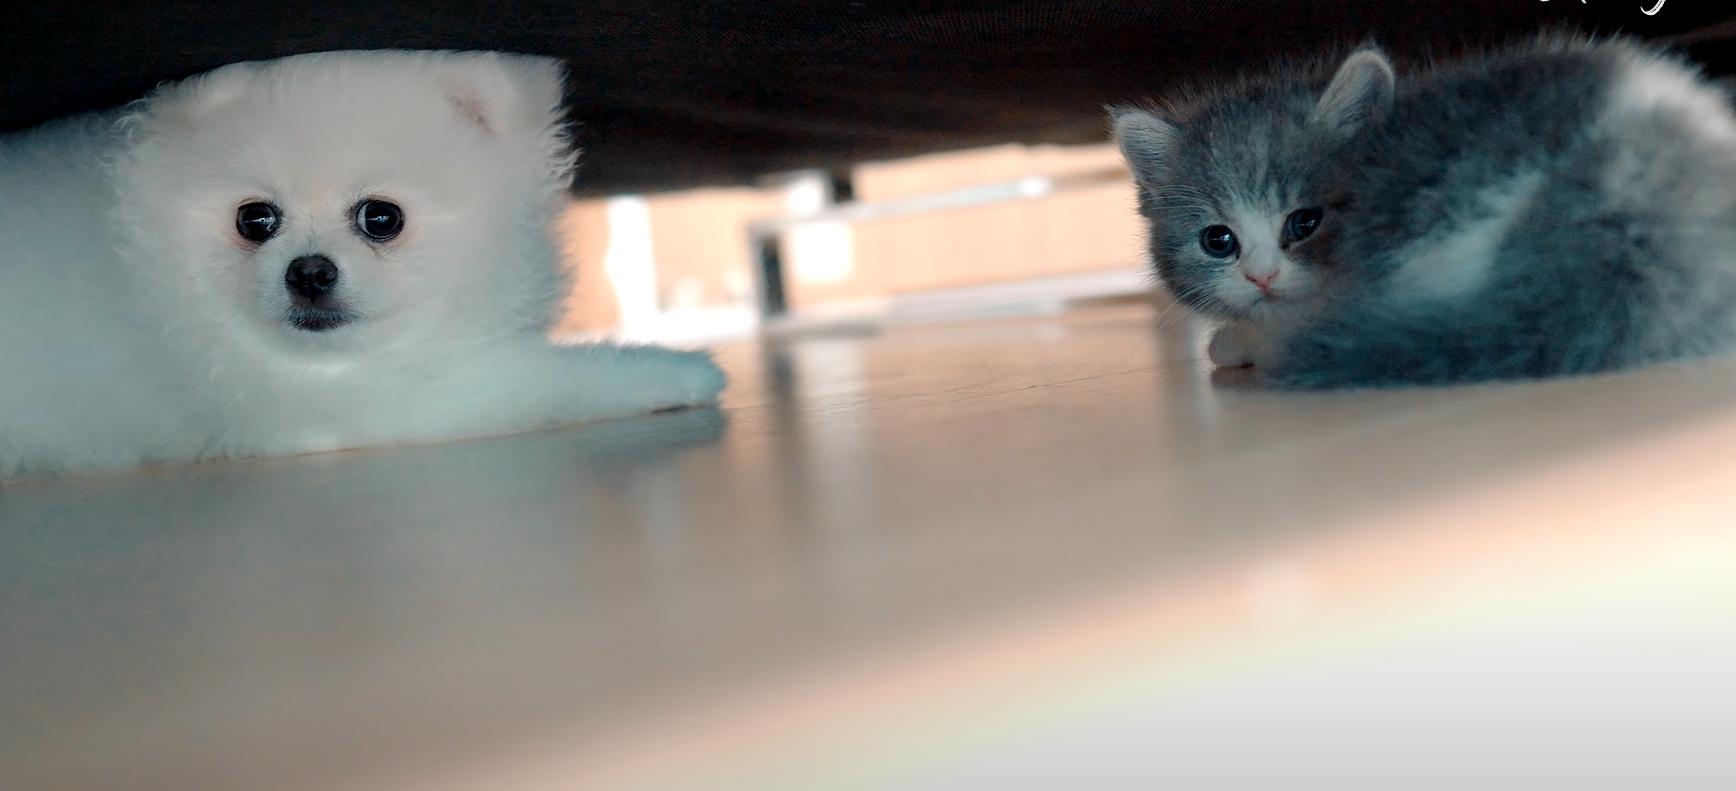 Вскоре кот и шпиц начали играть